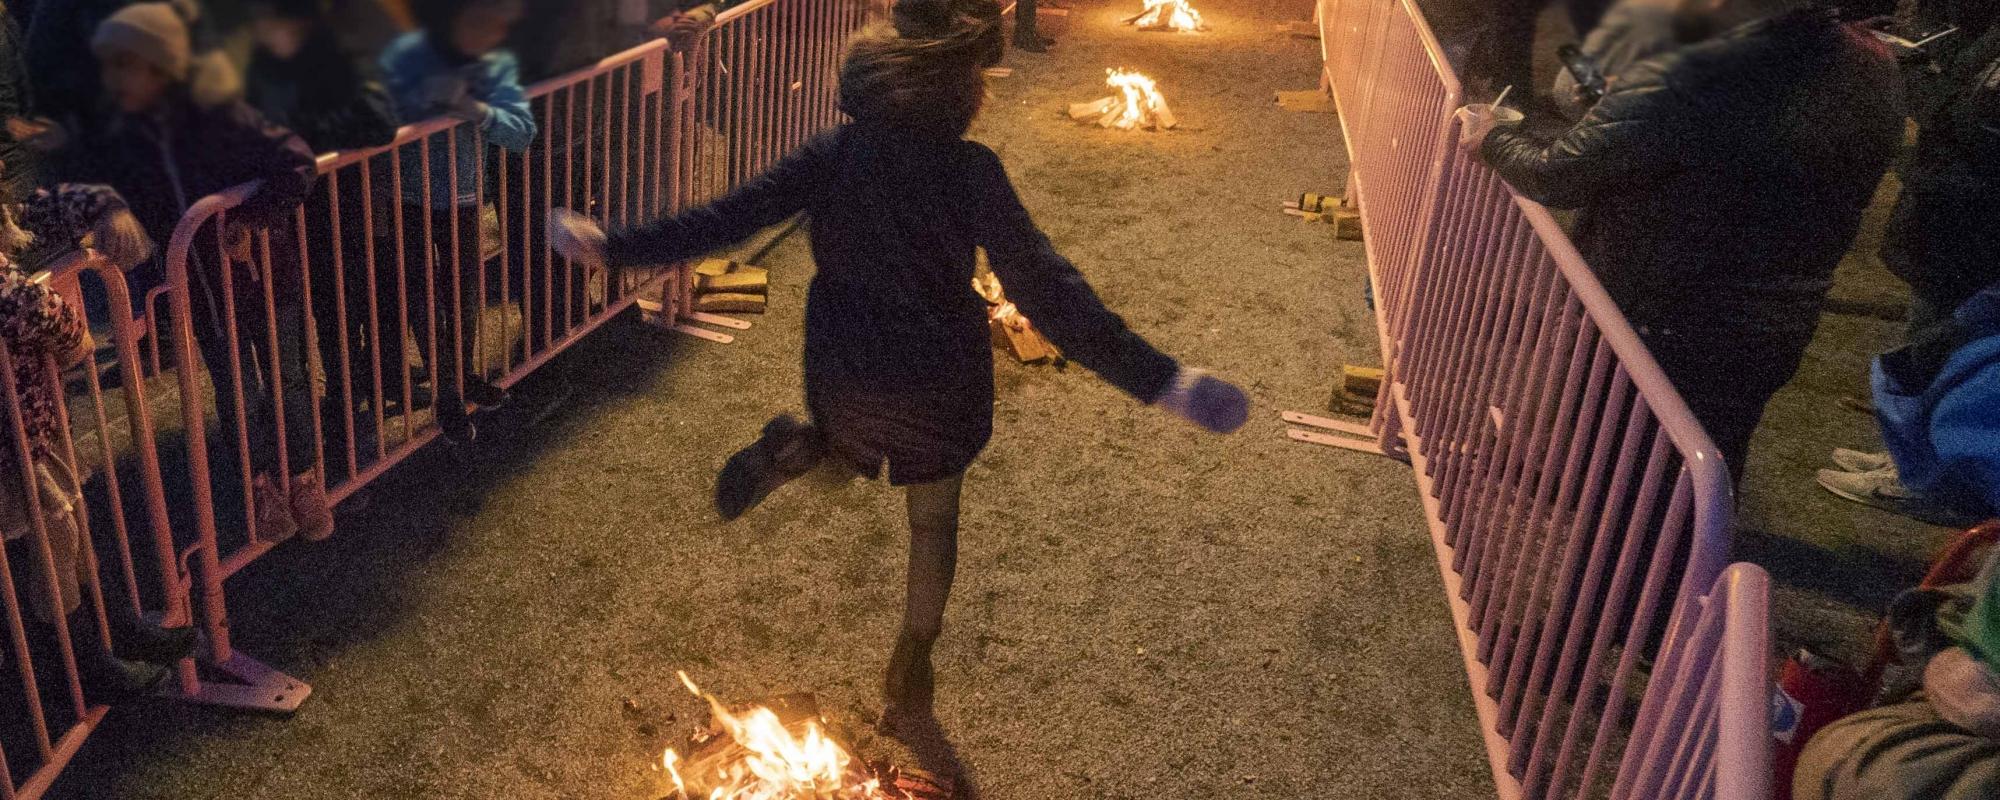 Flicka hoppar över sju små eldar